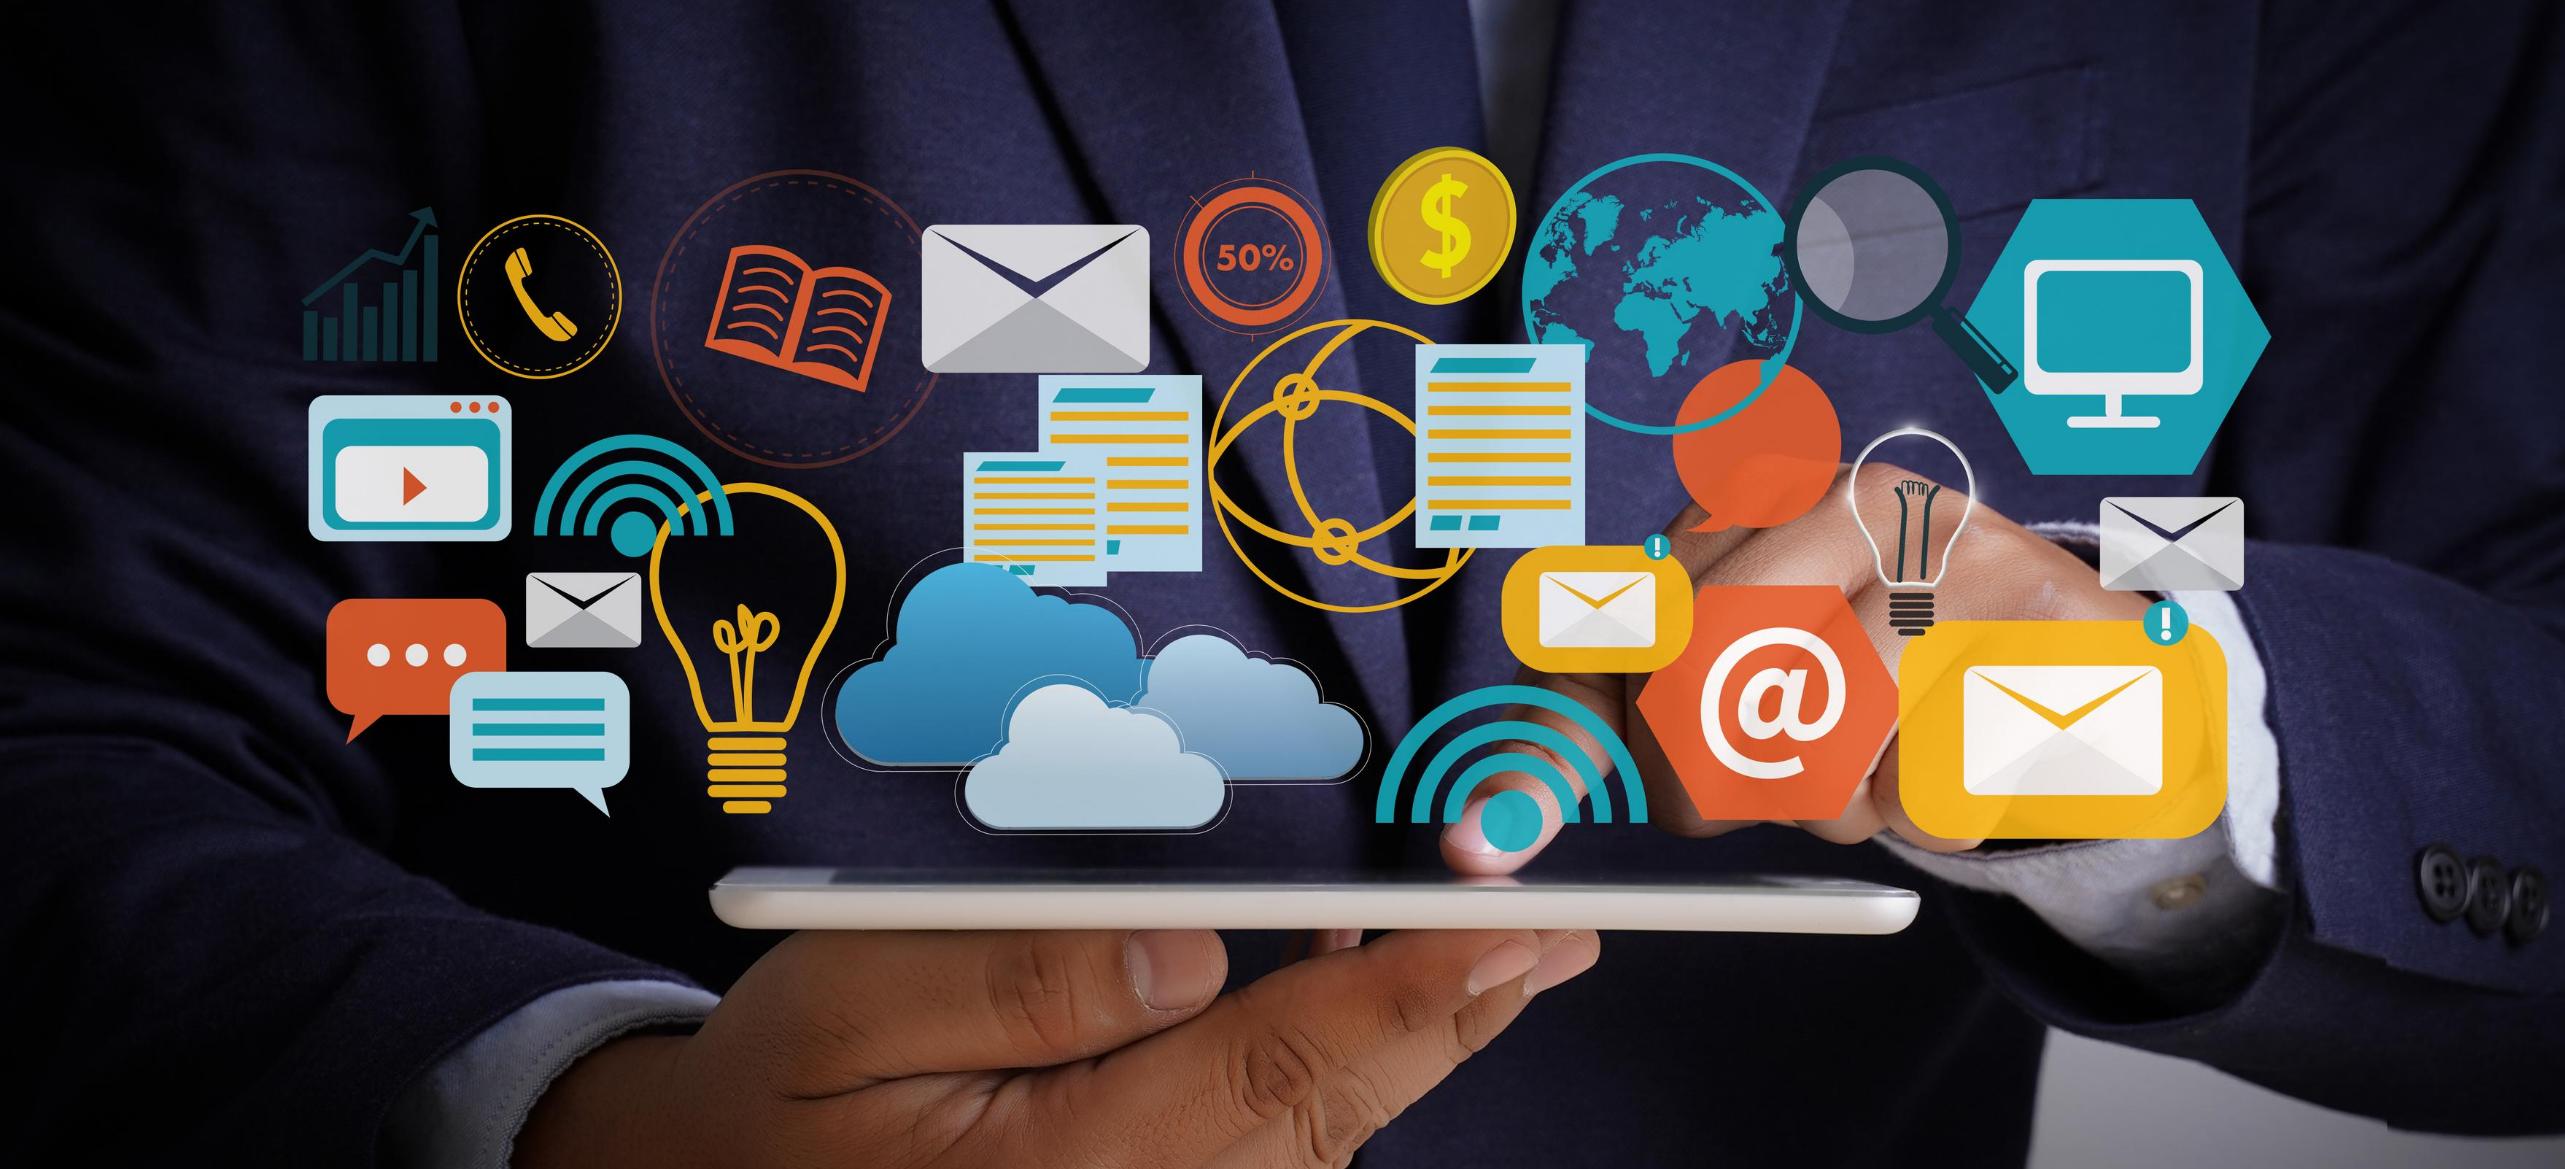 Consejos y trucos para mejorar tu fundraising con estrategias digitales